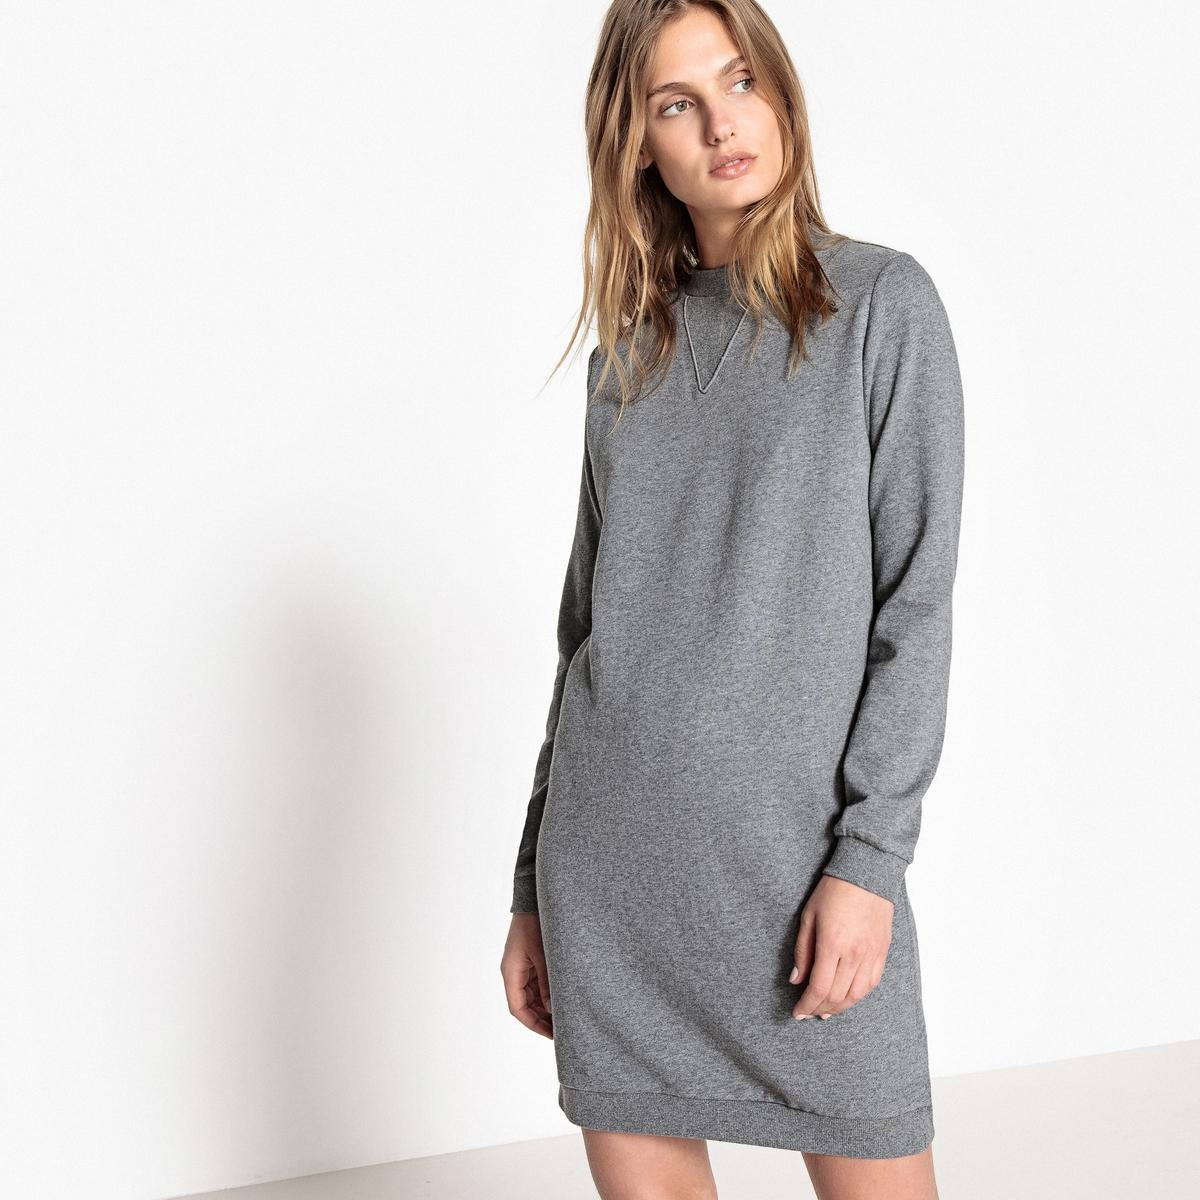 Платье-пуловер короткое однотонное с длинными рукавамиОписание:Детали •  Форма : платье-пуловер •  Укороченная модель •  Длинные рукава    •  Круглый вырезСостав и уход •  100% хлопок •  Температура стирки 30° •  Сухая чистка и отбеливание запрещены •  Не использовать барабанную сушку •  Низкая температура глажки •  Длина  : 90 см<br><br>Цвет: серый меланж<br>Размер: M